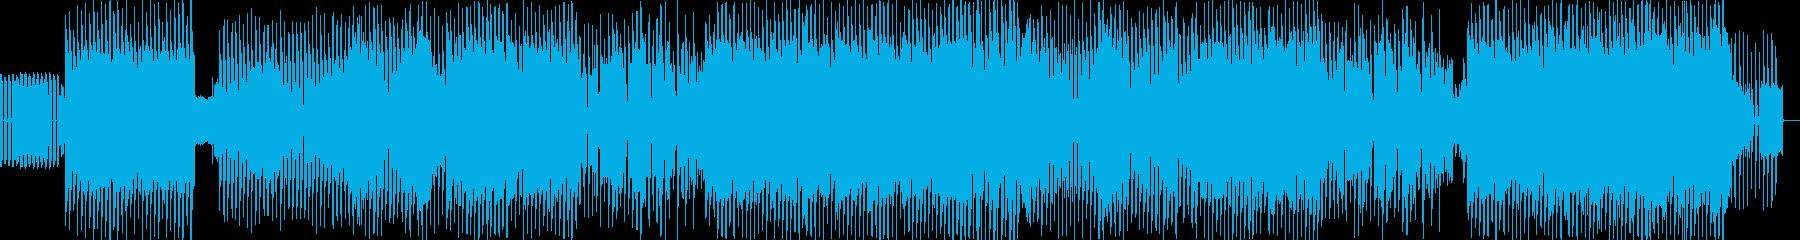 キュートでクールなテクノギターロックの再生済みの波形